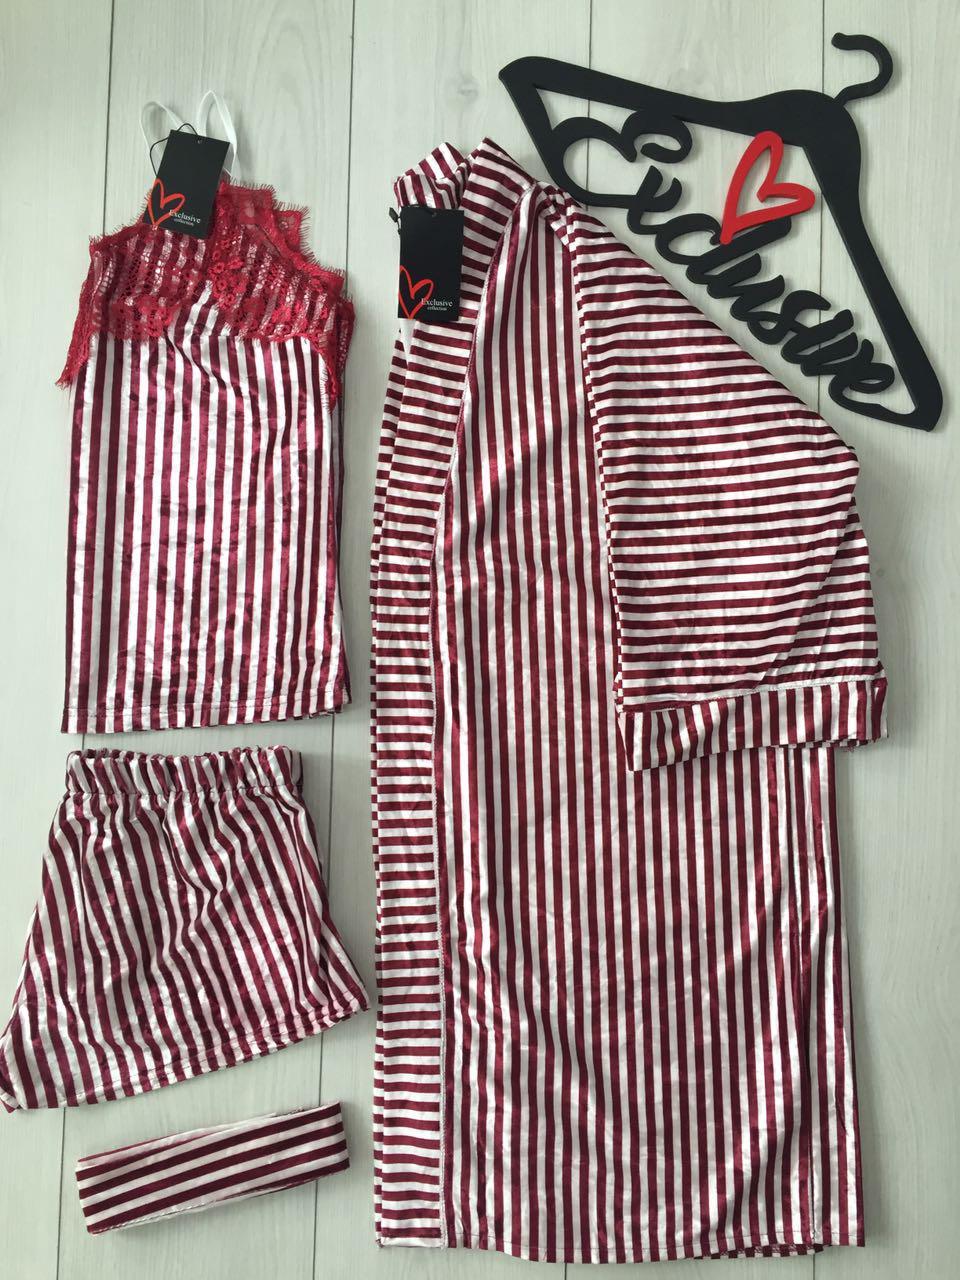 Женская одежда для дома и сна: халат+майка с шортами -комплект